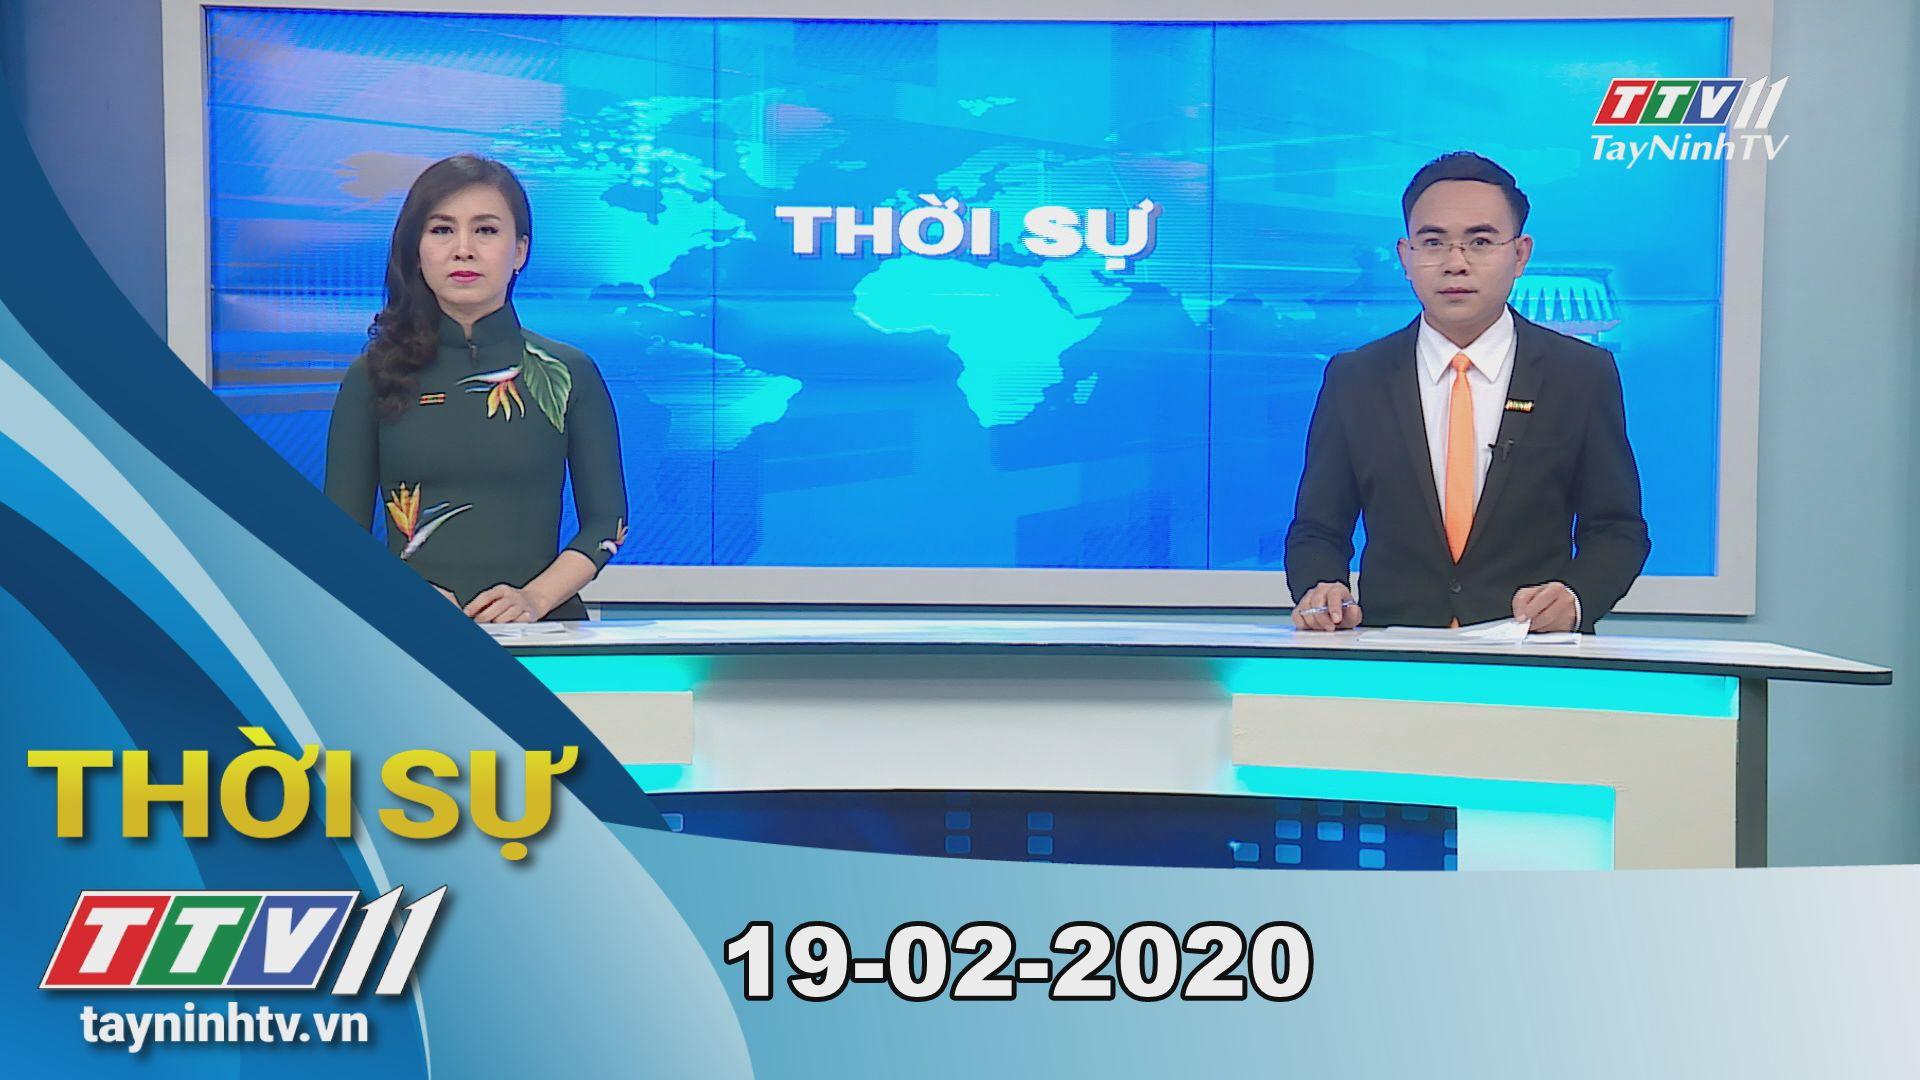 Thời sự Tây Ninh 19-02-2020 | Tin tức hôm nay | TayNinhTV